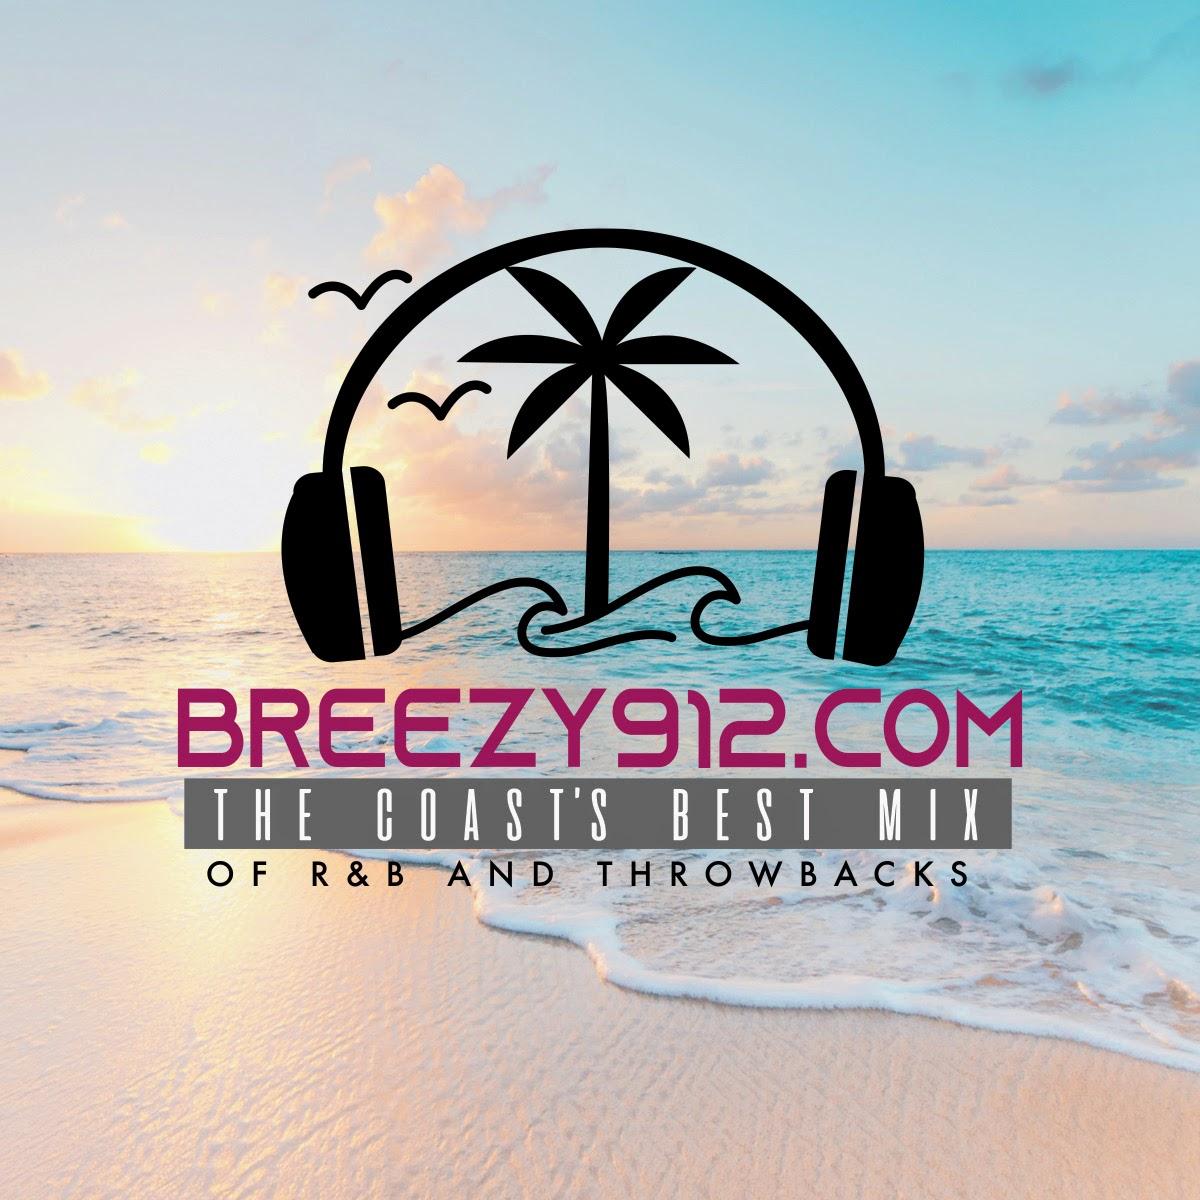 BREEZY912.COM